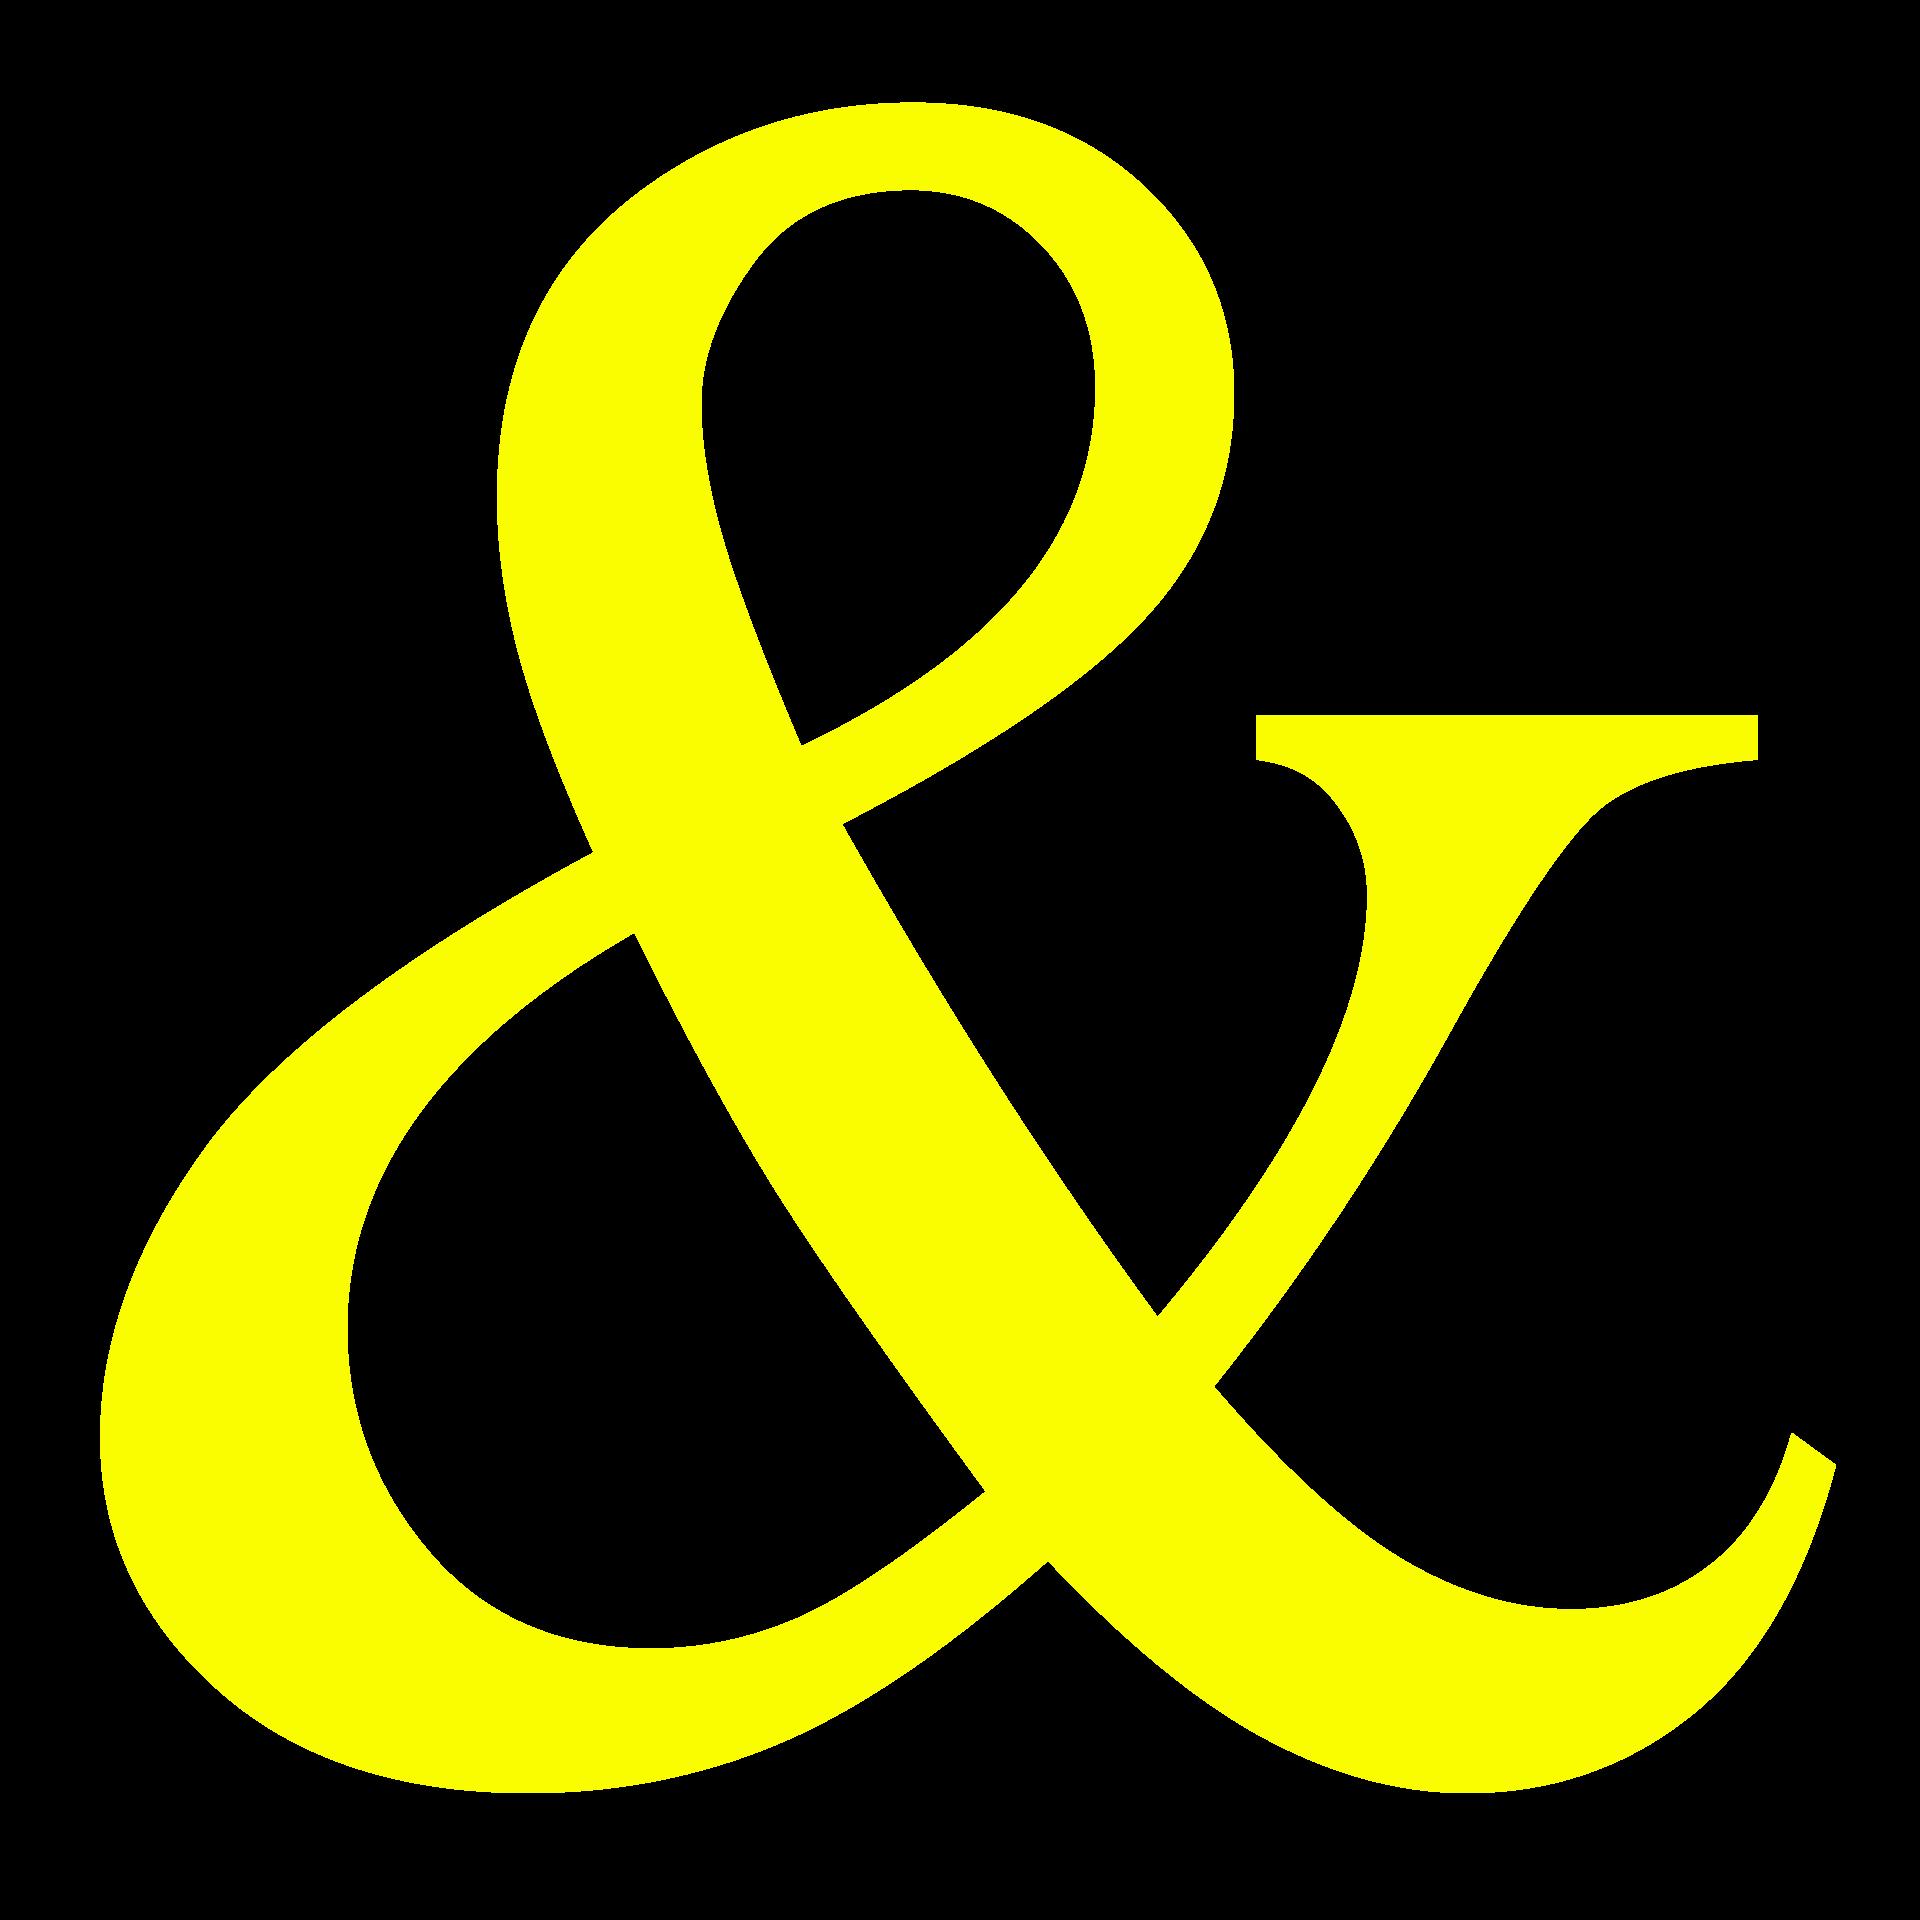 design interni monza giallo